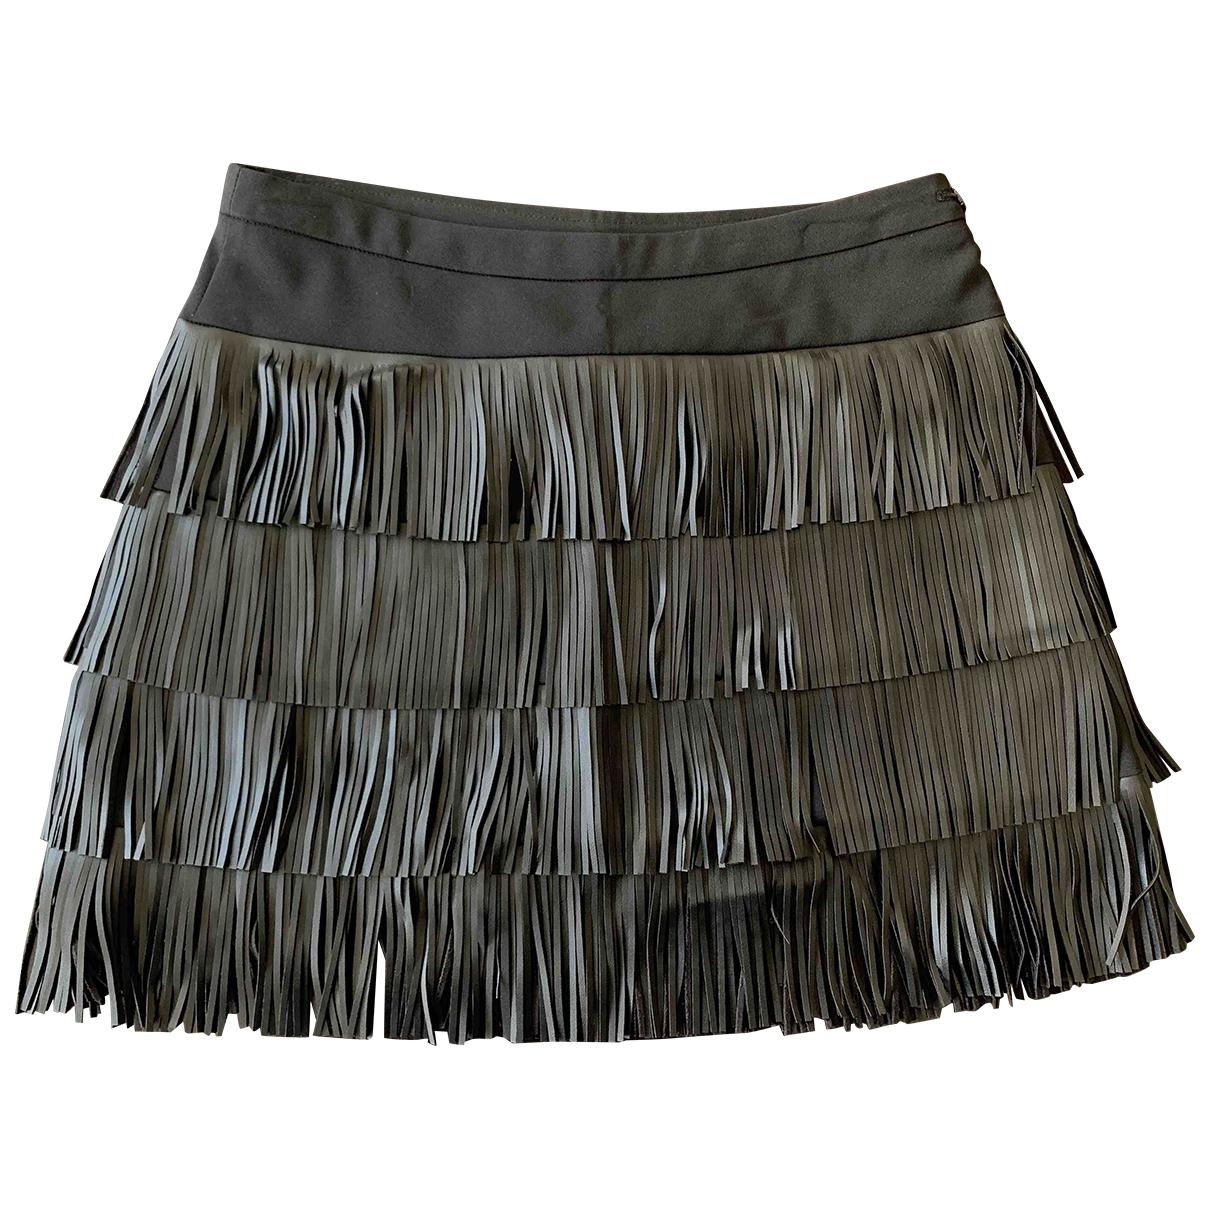 Patrizia Pepe \N Black skirt for Women 42 IT